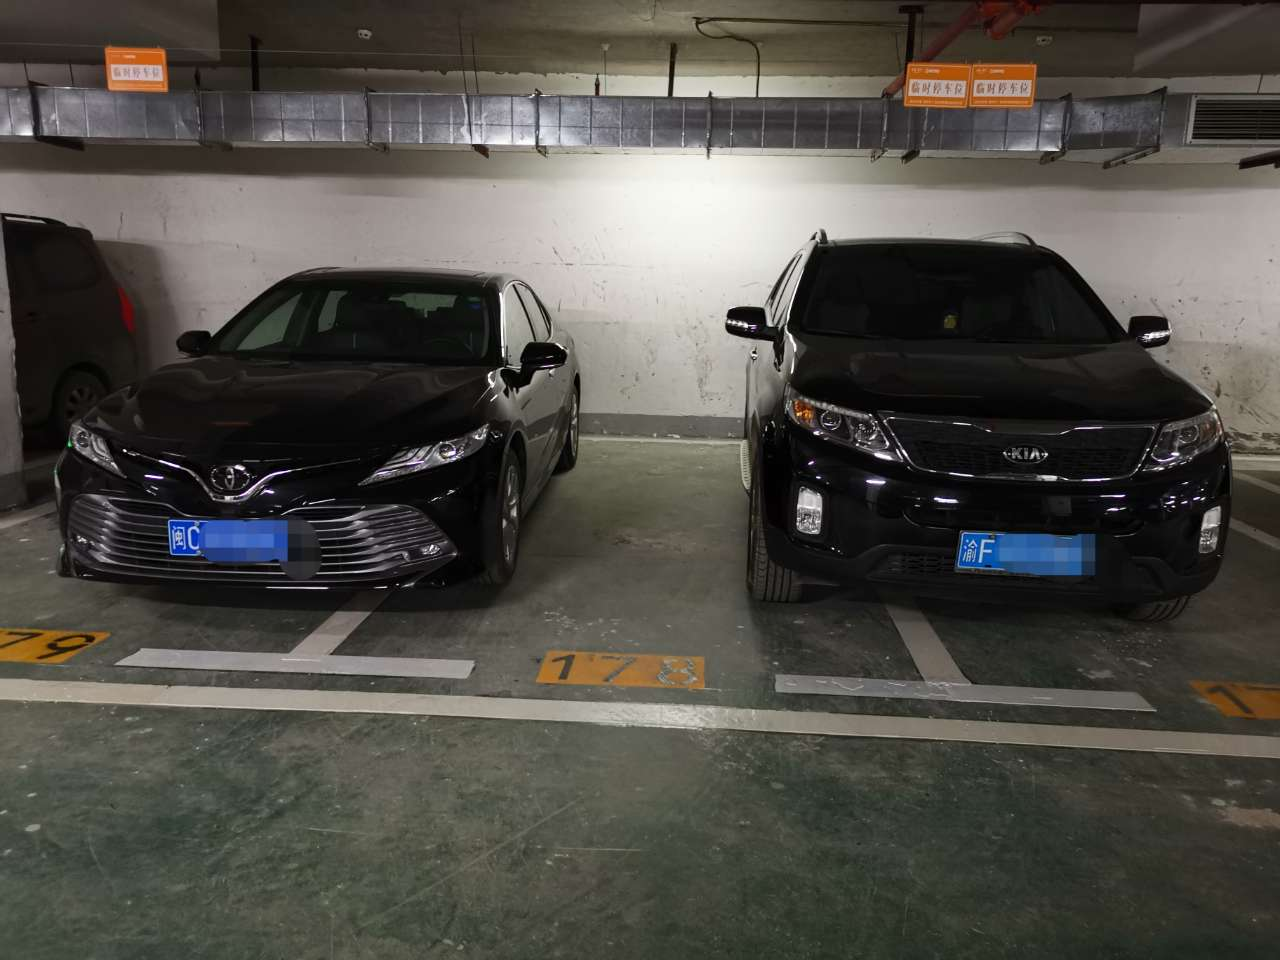 美丽泽京车库一车占两位,我有钱了也买两个车位停一辆车